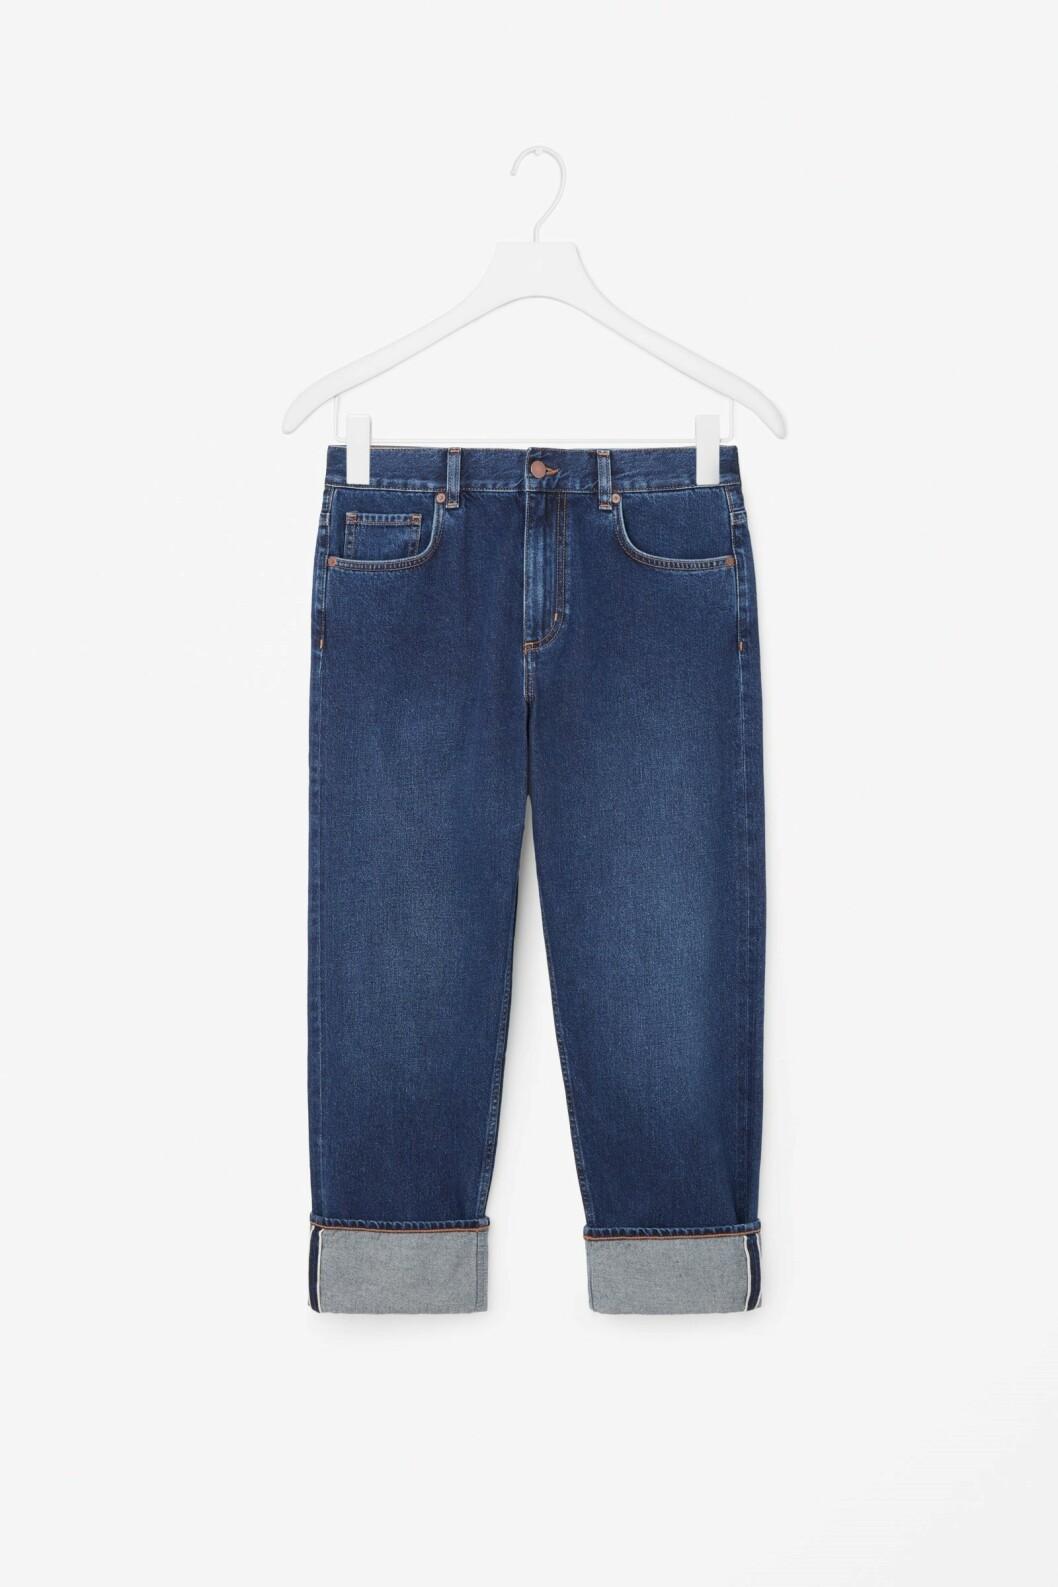 rea-jeans-cos